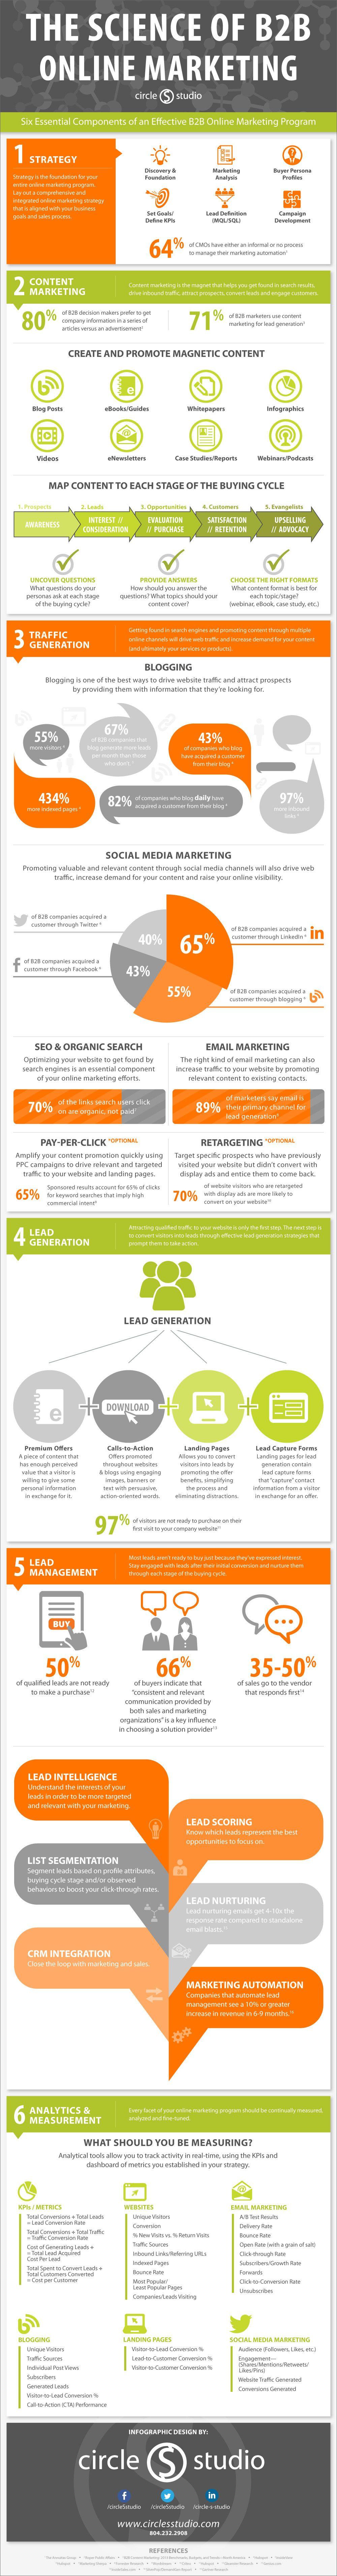 B2B-Unternehmen müssen sich auch Gedanken über eine möglichst erfolgreiche Online-Marketing-Strategie machen. #marketing